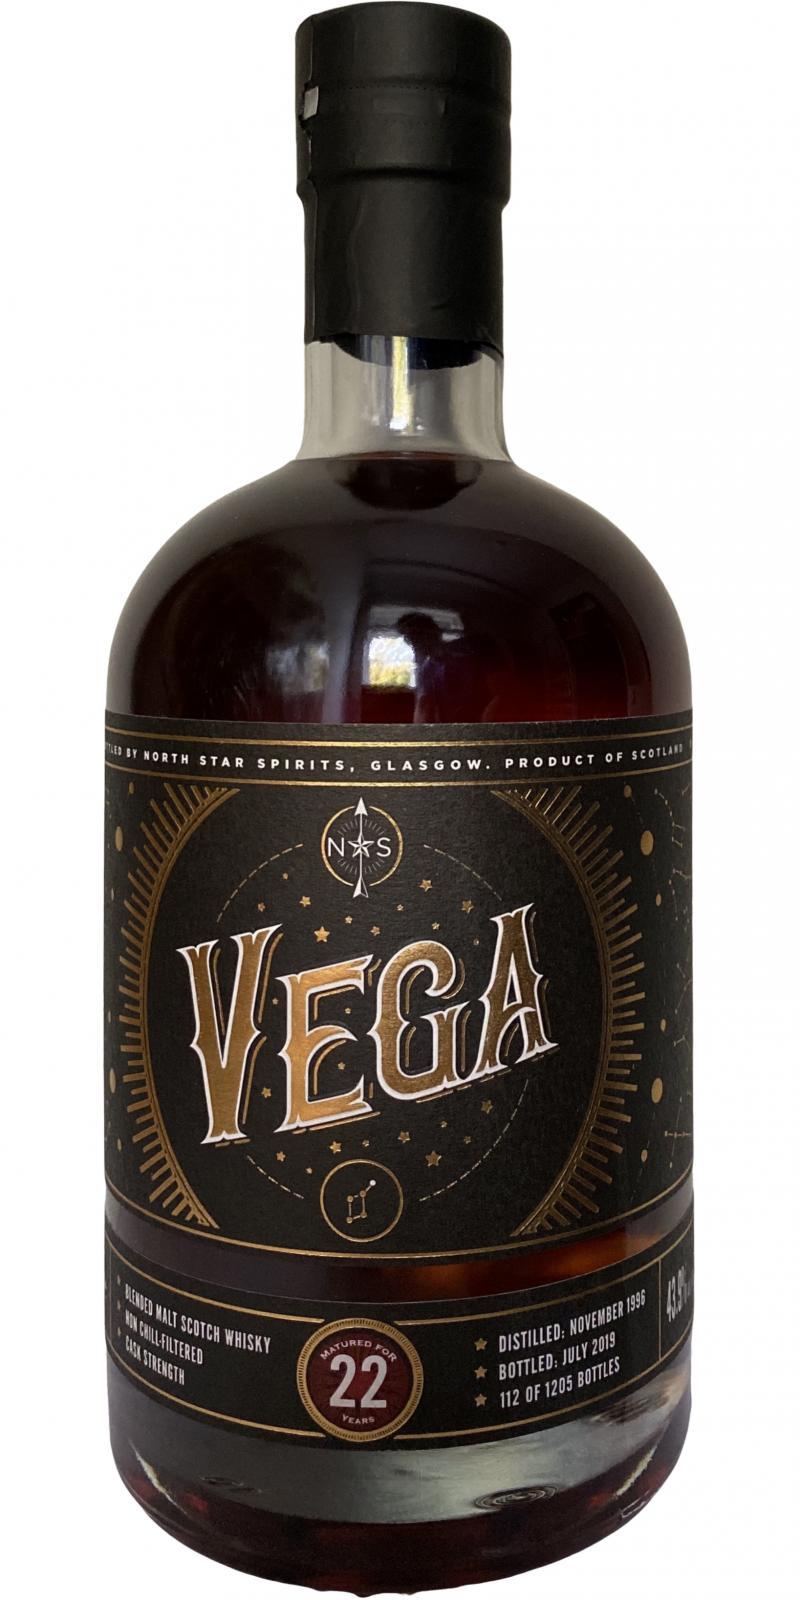 Vega 1996 NSS